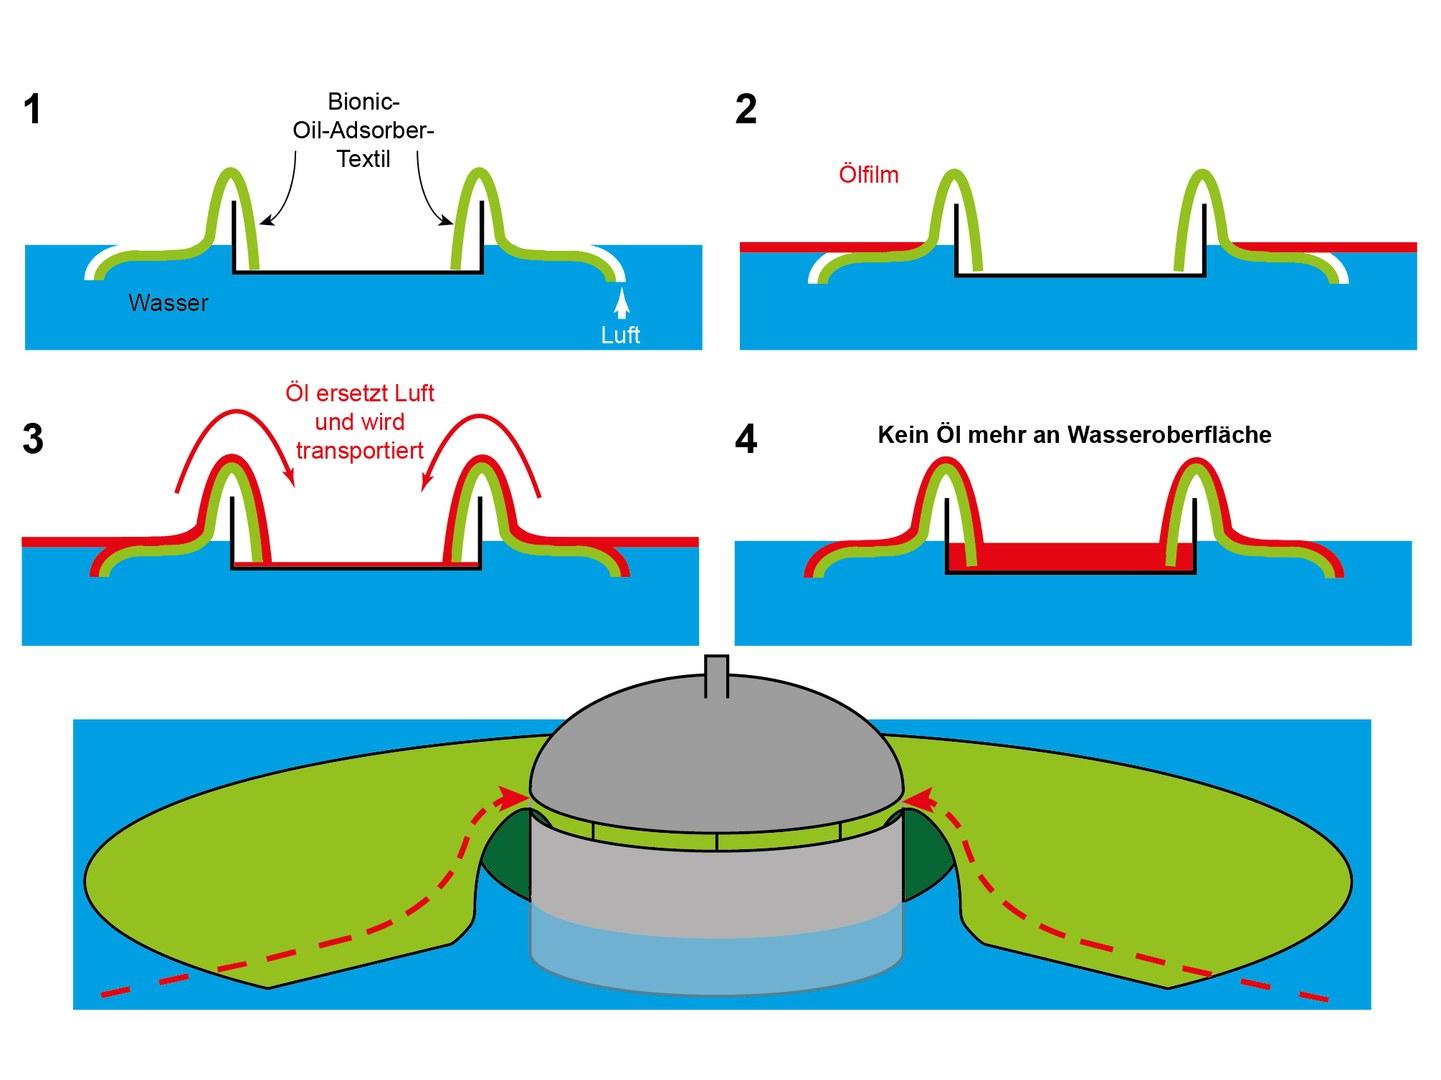 Lautlos und effizient entfernt der bionische Ölsammler